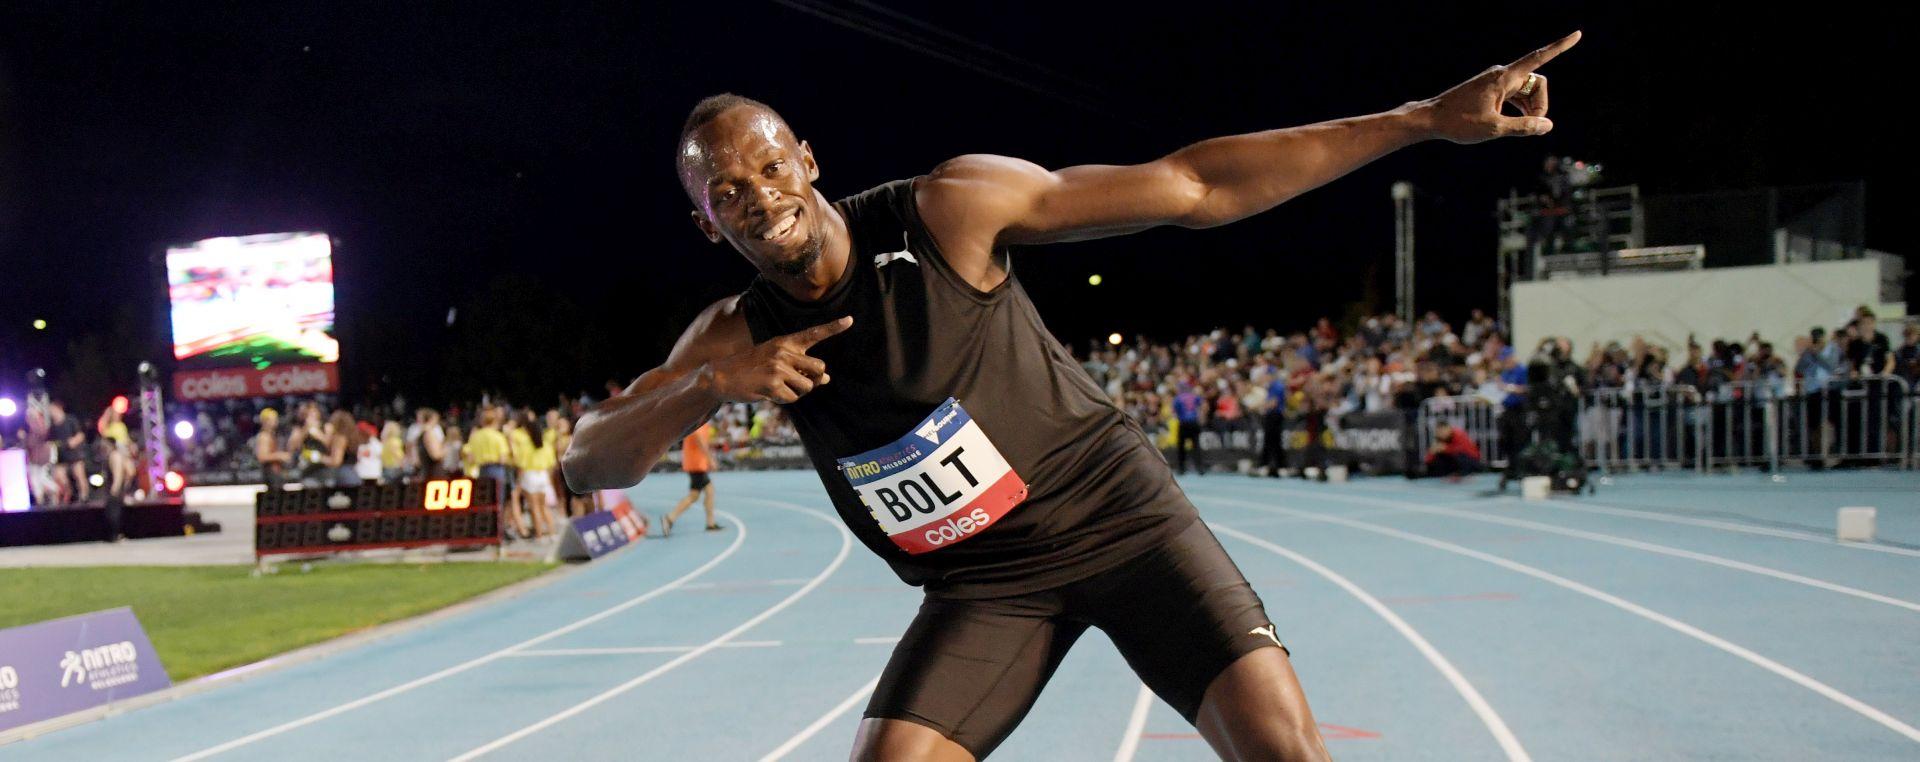 VIDEO: POSLJEDNJA UTRKA PRED DOMAĆOM PUBLIKOM Bolt slavio na 100 metara pred 30 tisuća ljudi